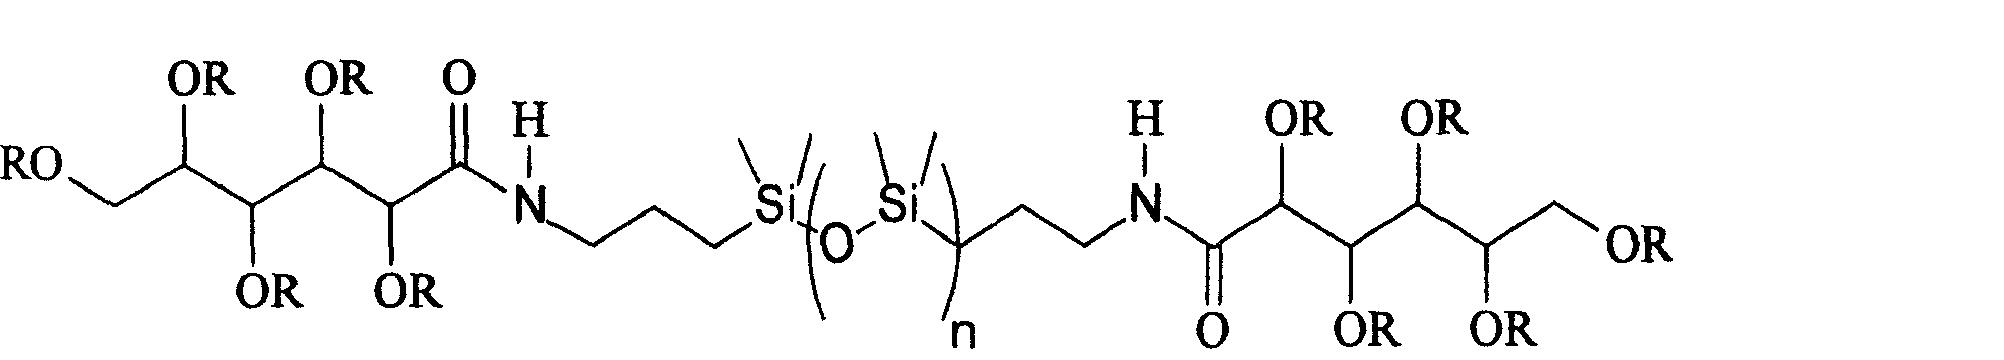 Figure CN101017208BD00152